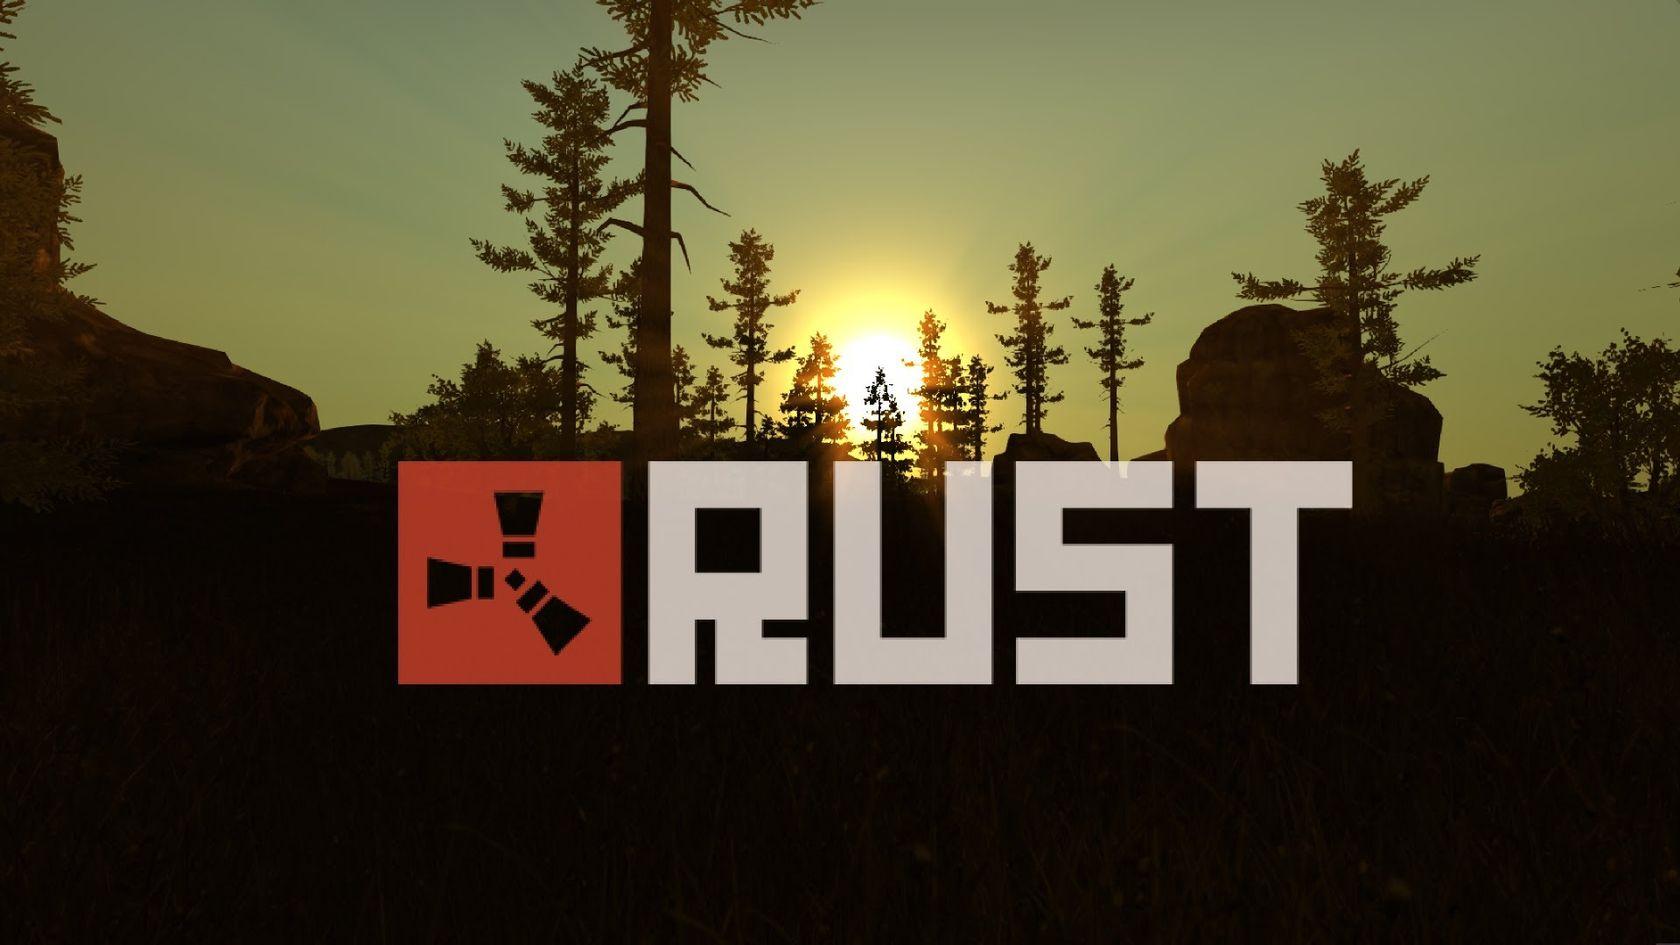 8февраля Rust покинет ранний доступ, ацена вырастет